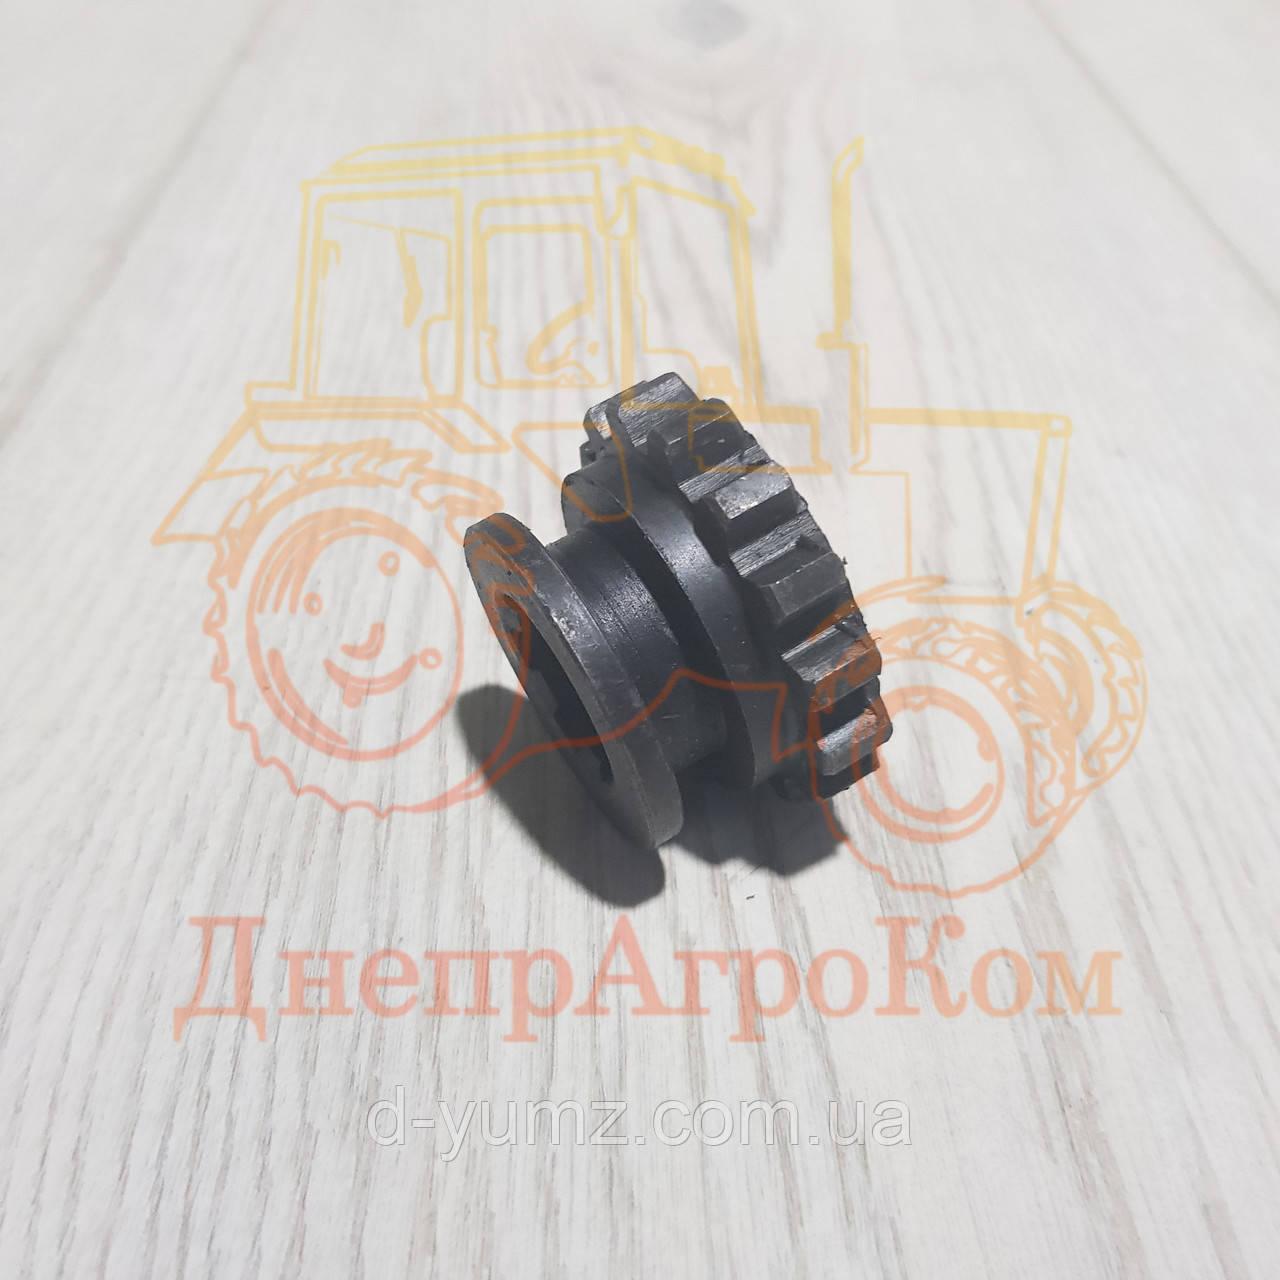 Муфта ЮМЗ соединительная привода НШ | 36-1022042